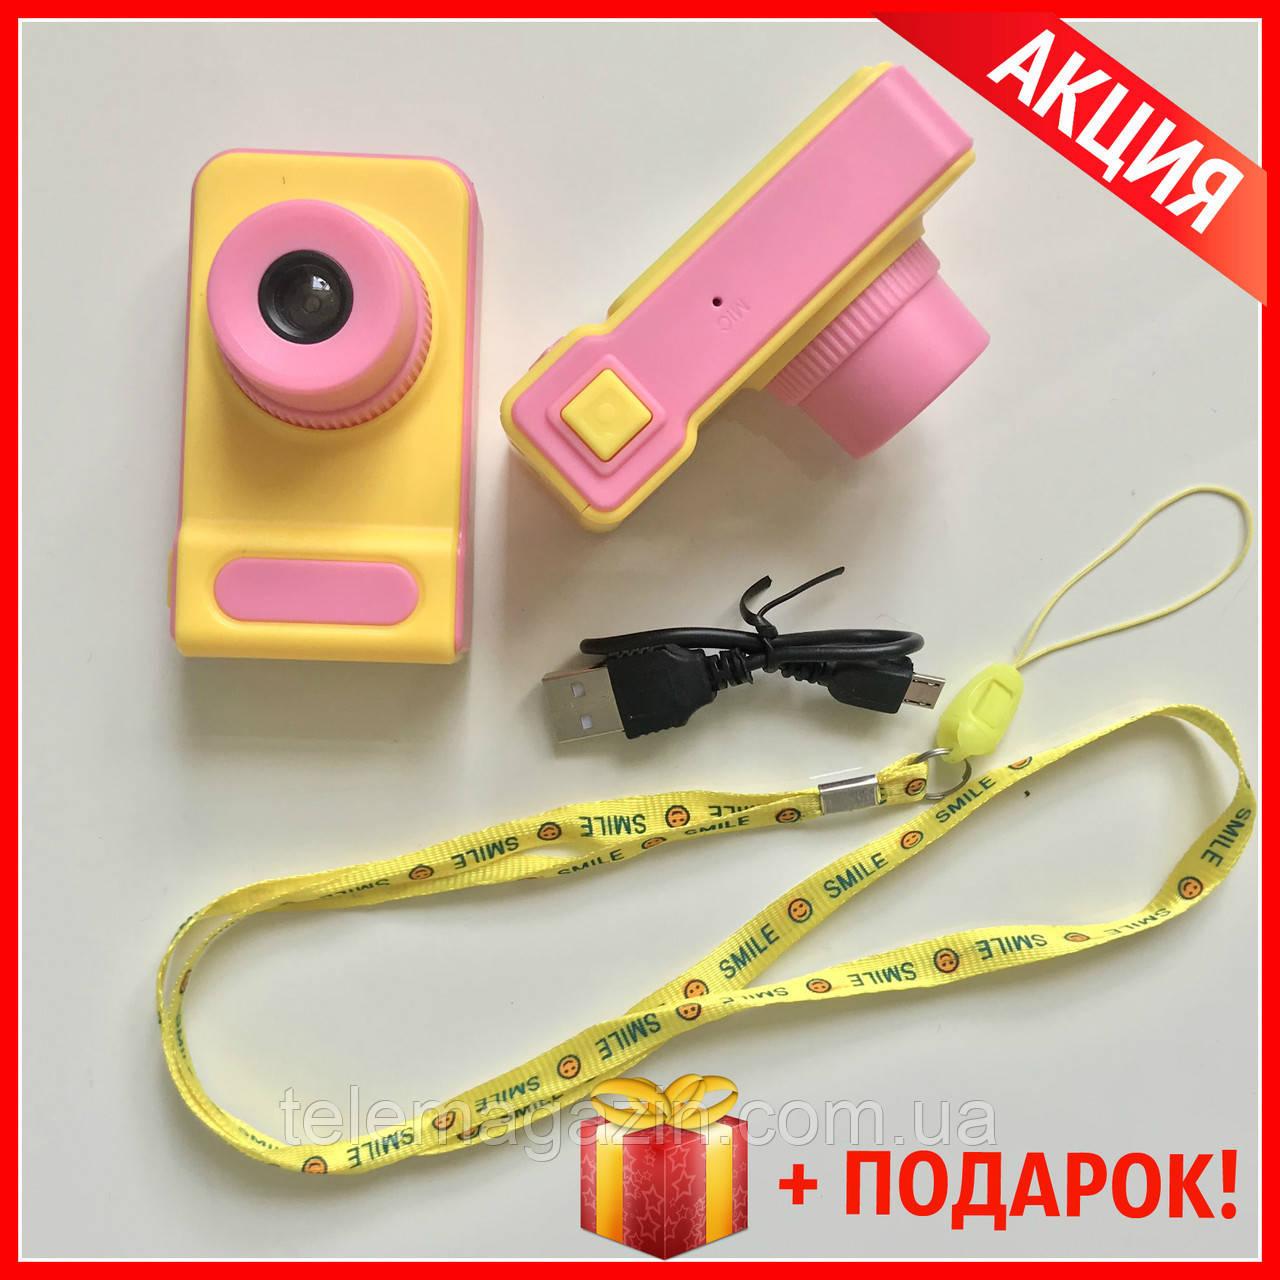 Детский Фотоаппарат с записью видео +цветной экран Dvr Baby Camera V7 РОЗОВЫЙ +ПОДАРОК!